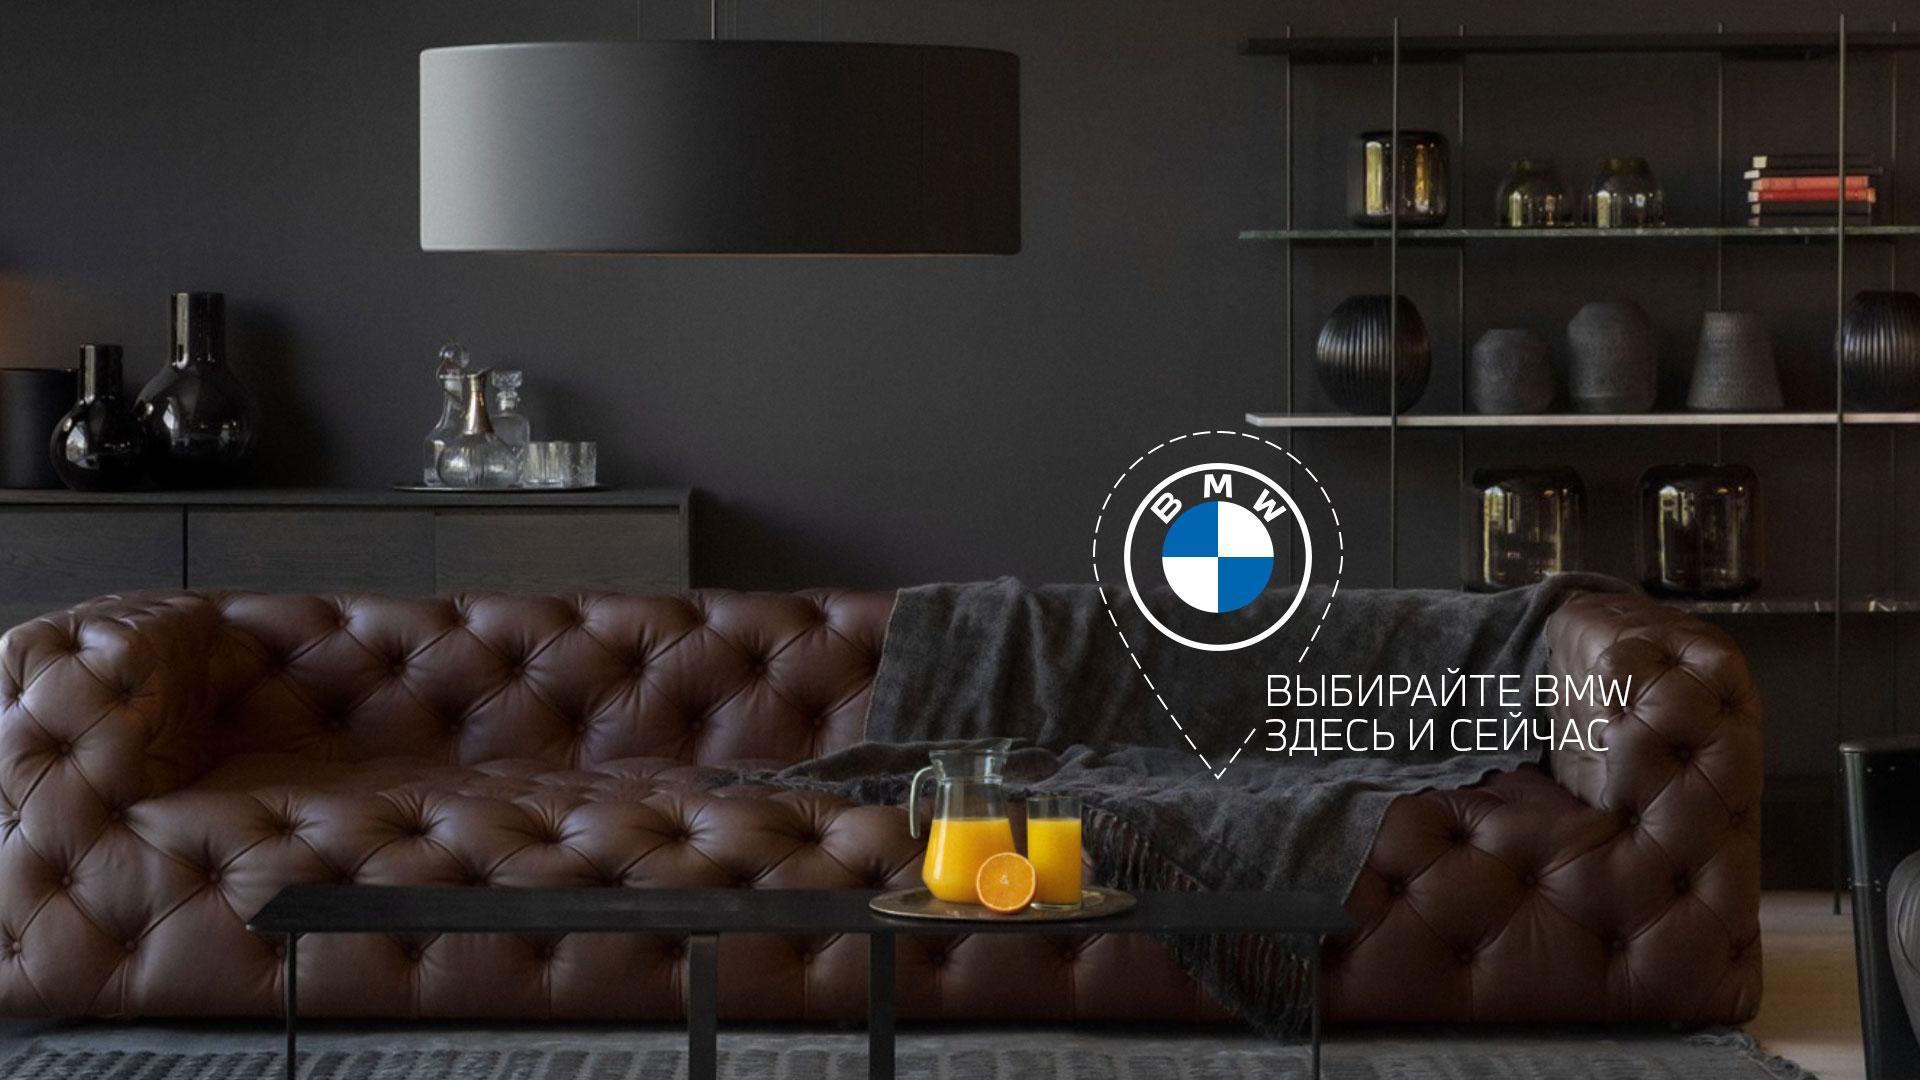 BMW - купить онлайн здесь и сейчас.